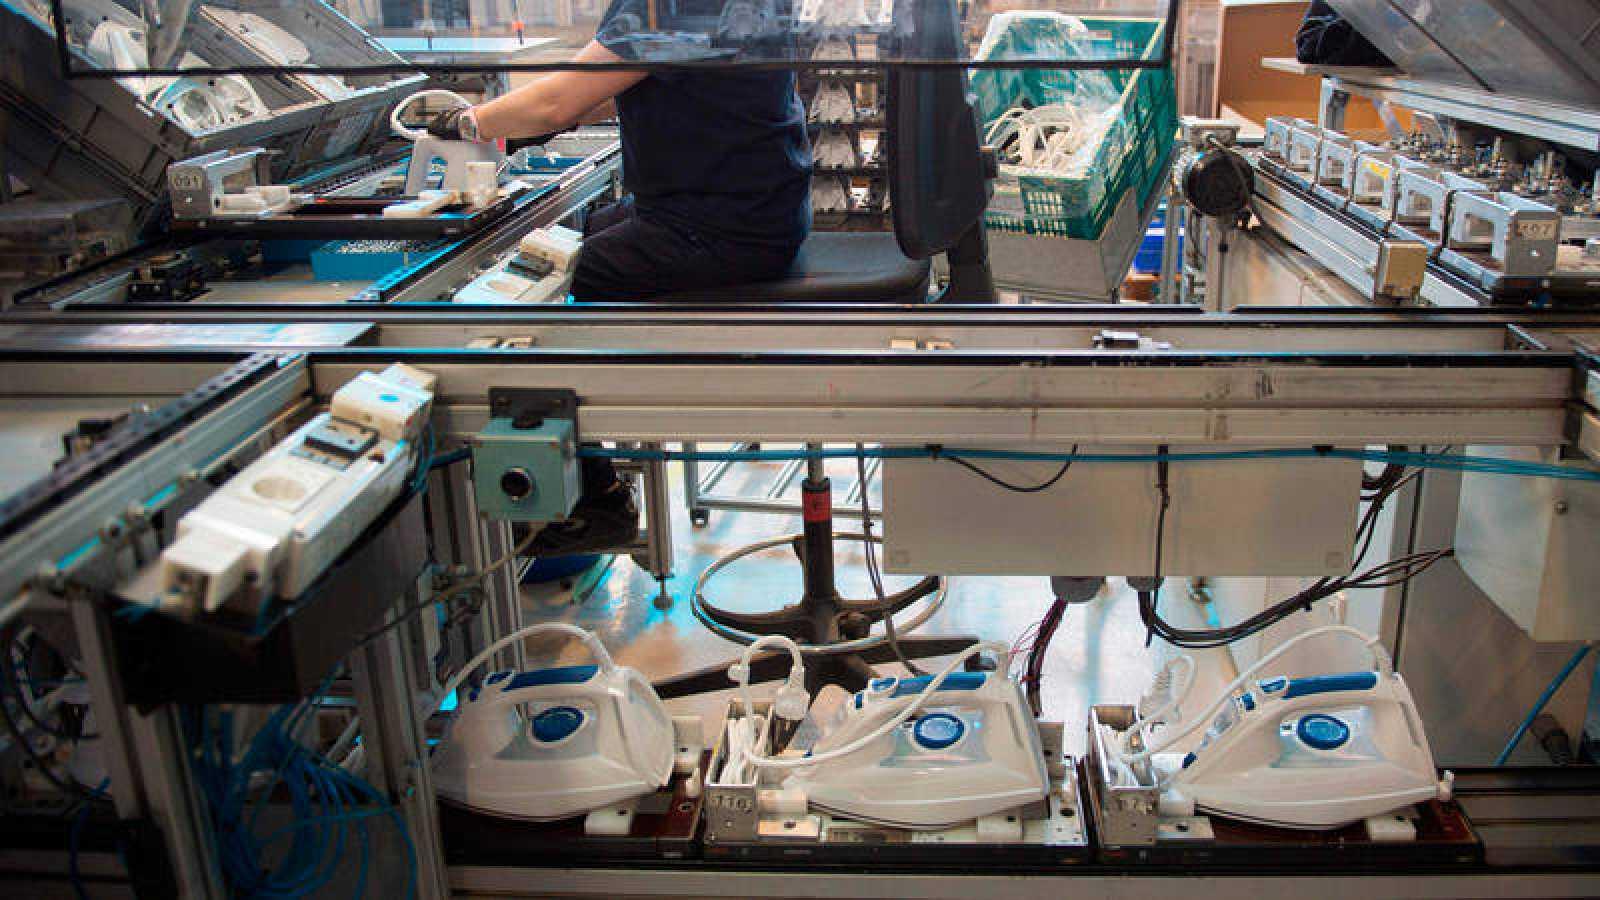 Una trabajadora ensambla planchas en una fábrica